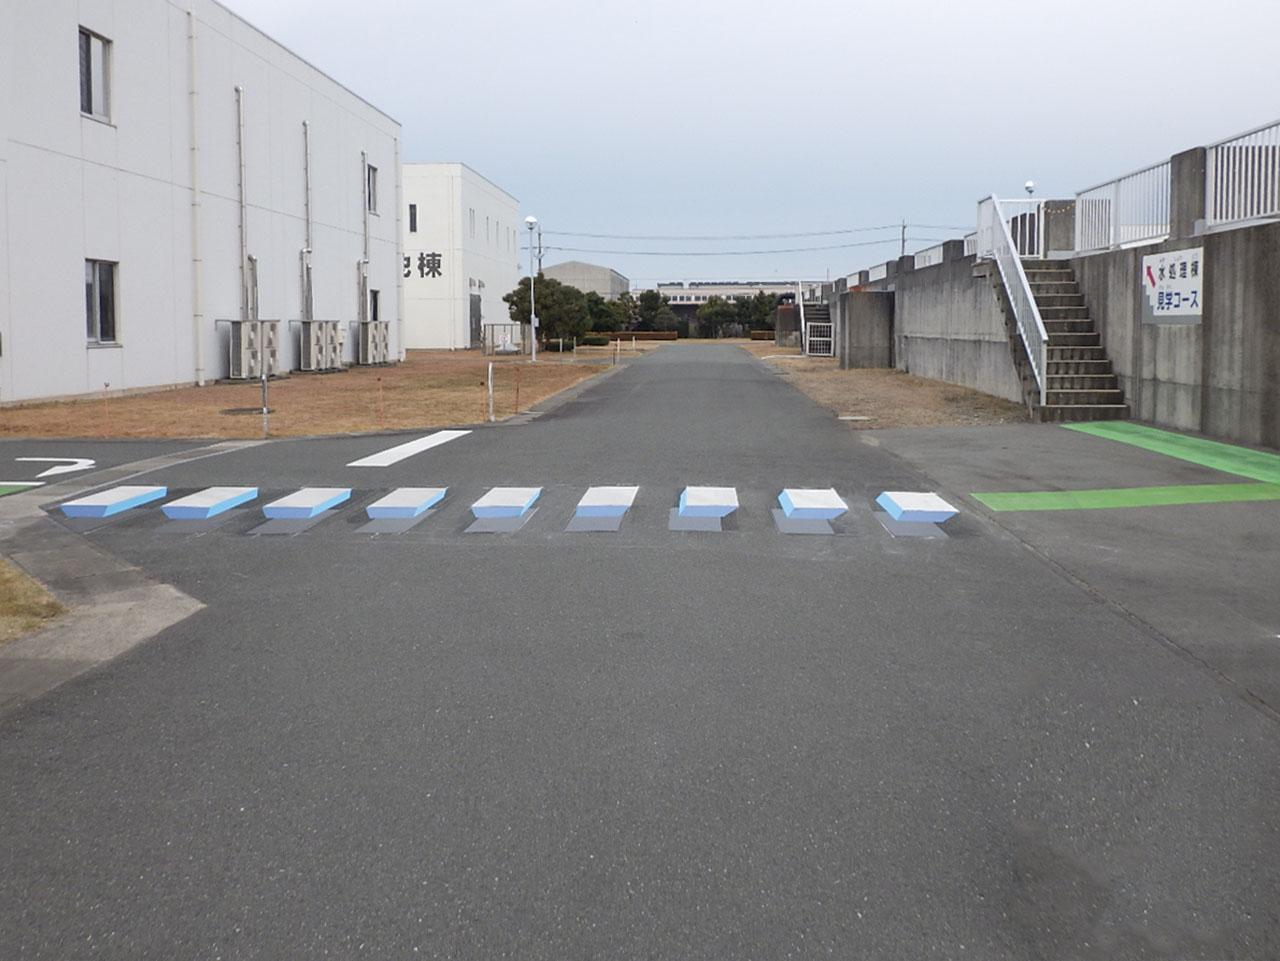 立体横断歩道